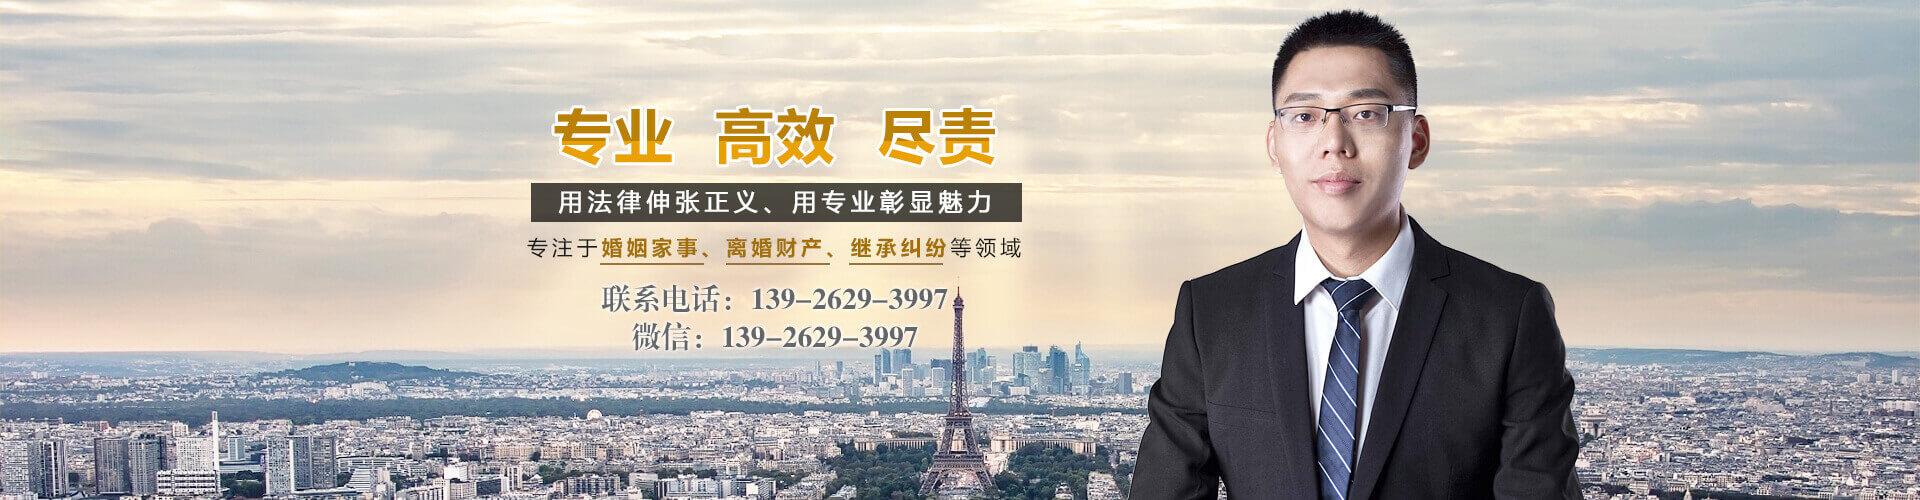 广州离婚律师-林浩律师